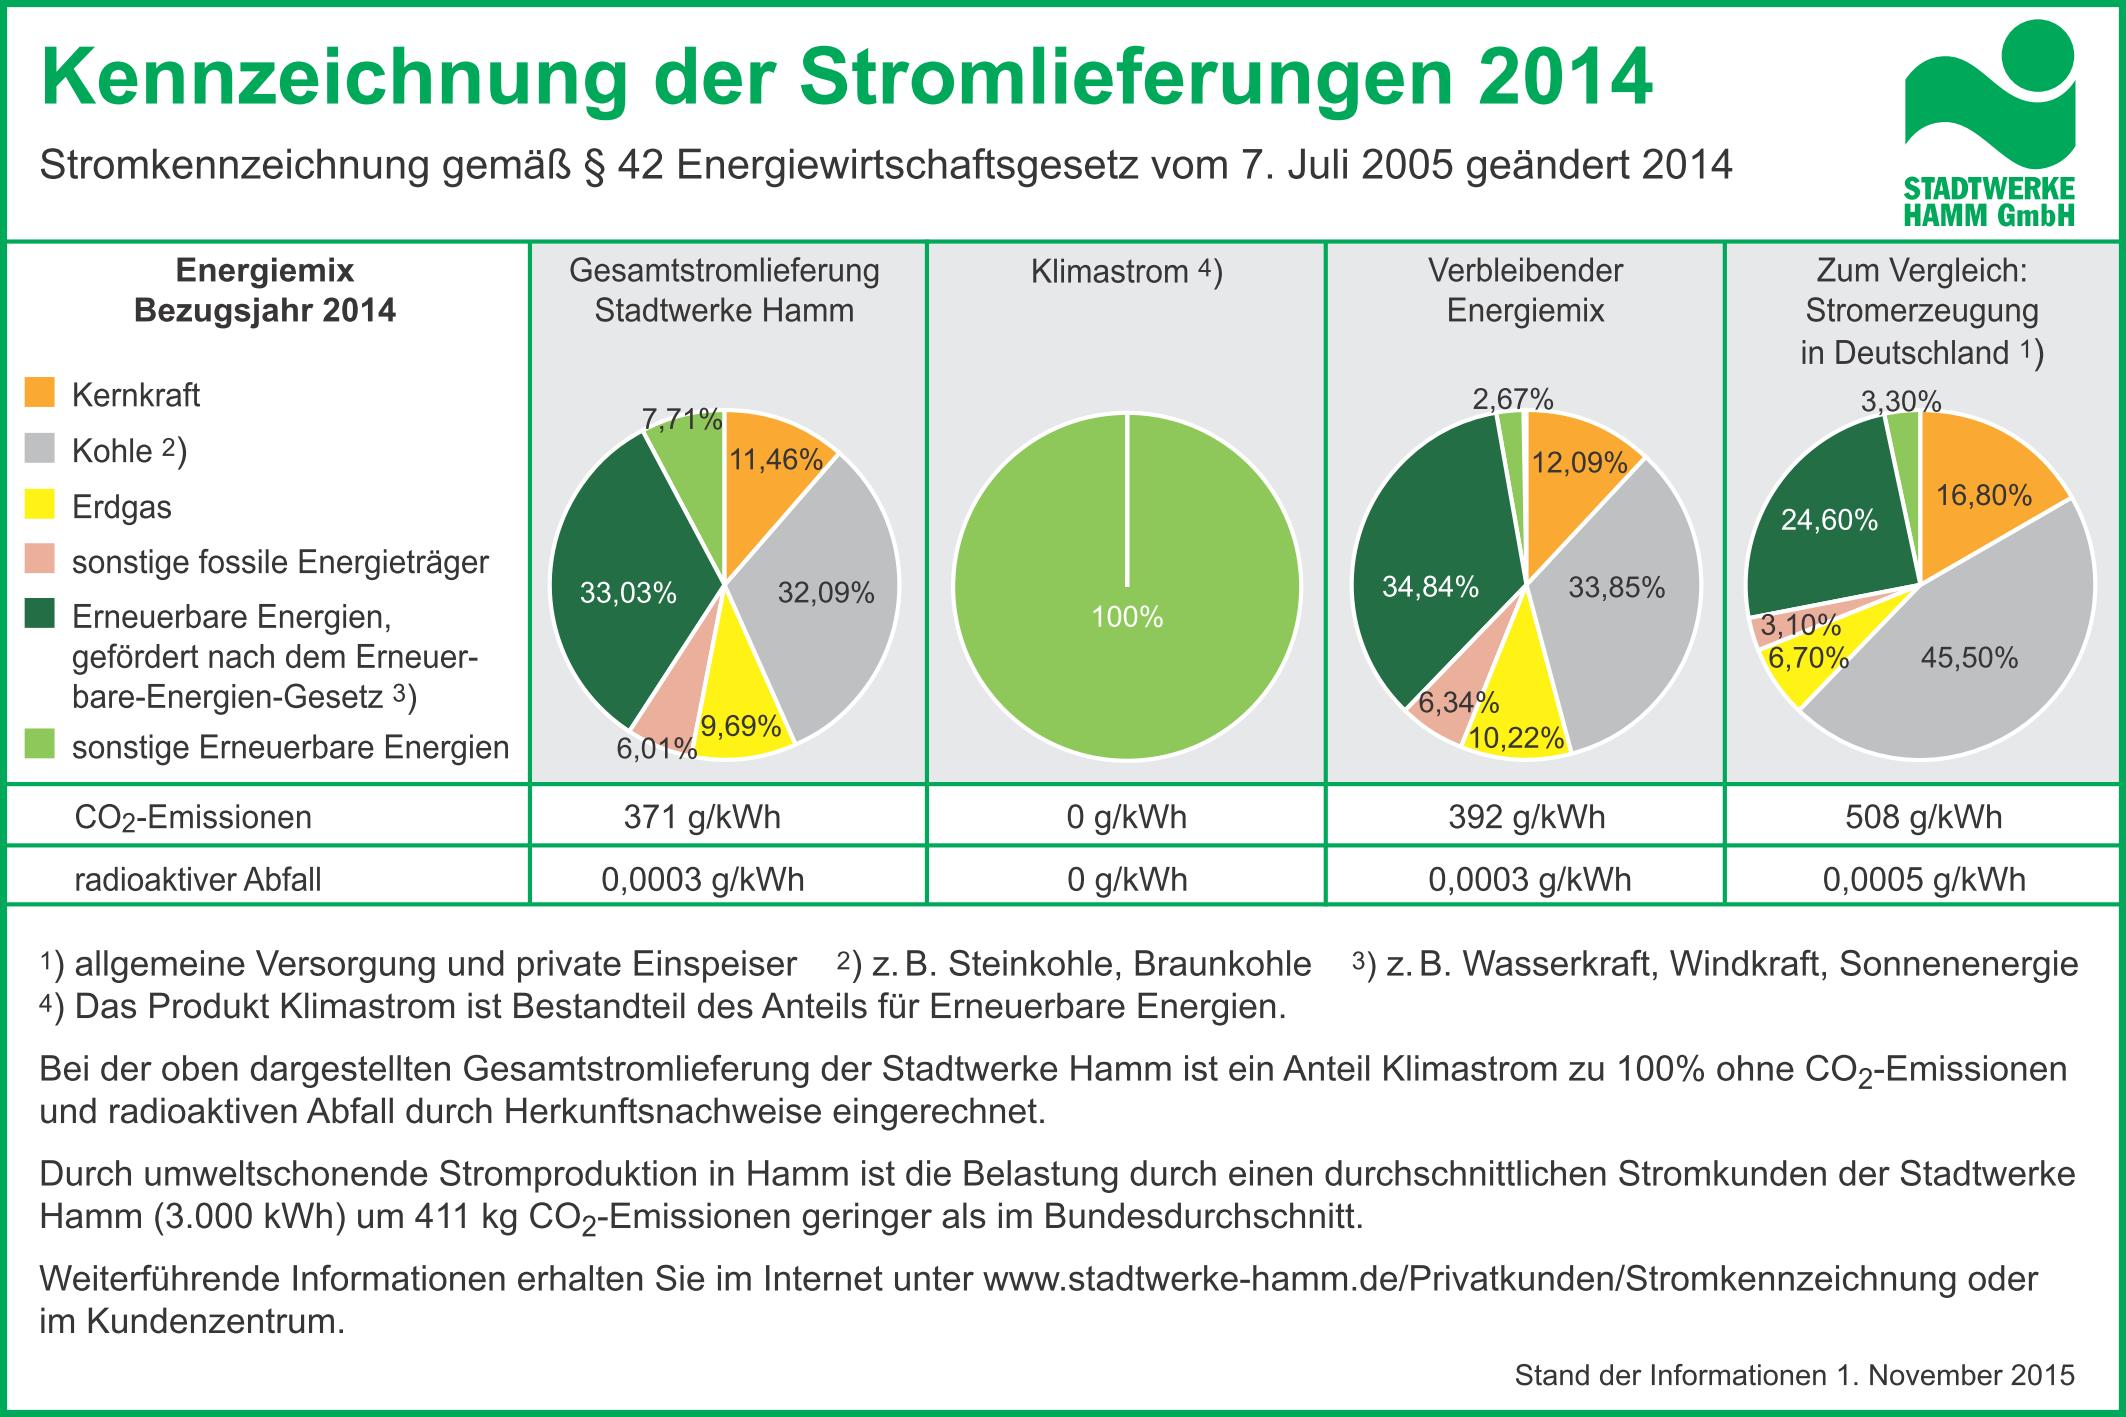 Stadtwerke stromkennzeichnung 2014 Teil 2